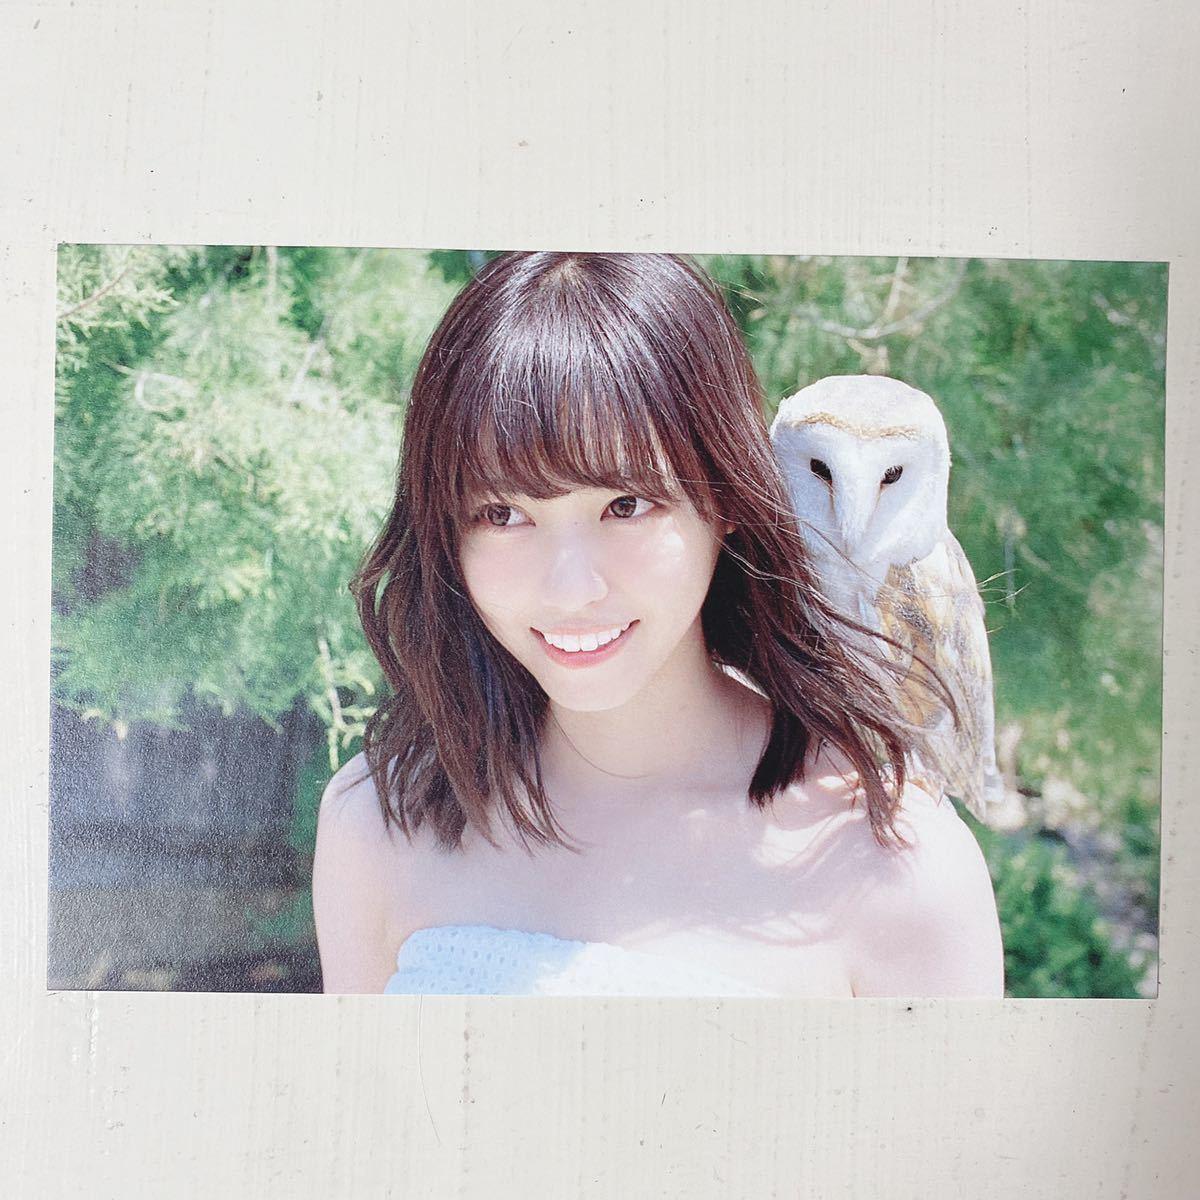 乃木坂46◆西野七瀬◆風を着替えて◆写真集◆ポストカード◆即決._画像1